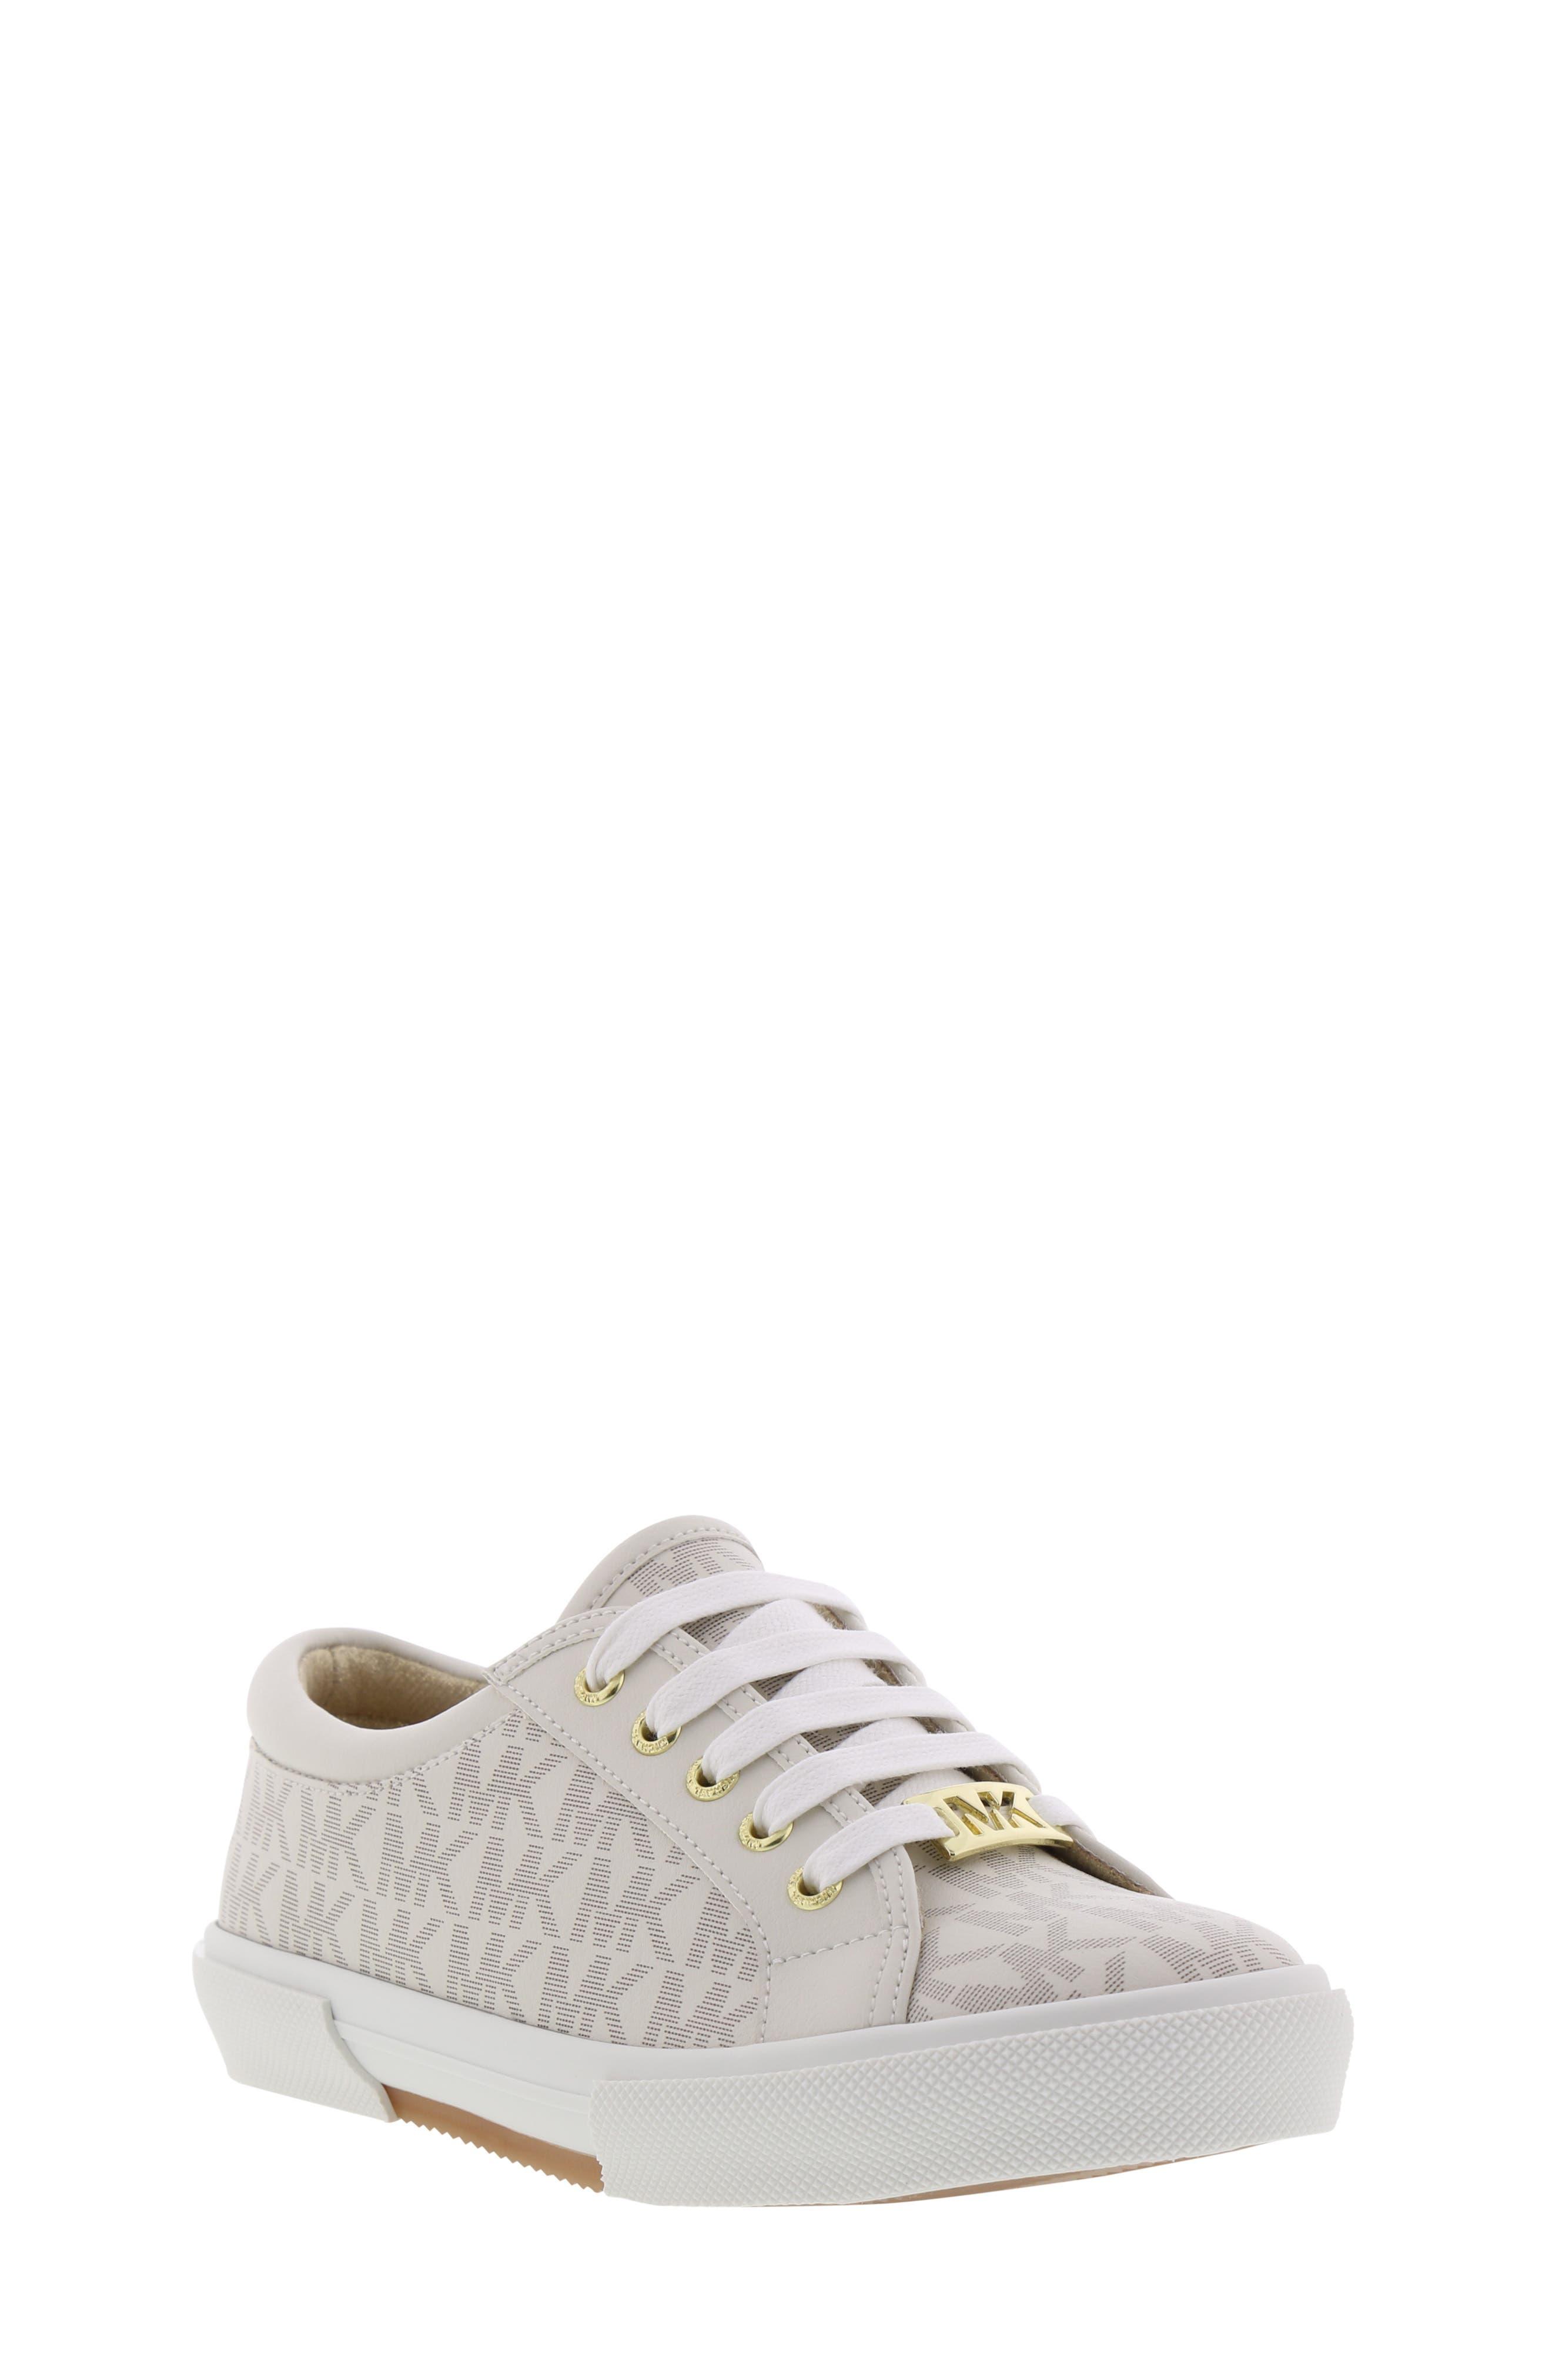 MICHAEL MICHAEL KORS Ima Rebel Sneaker, Main, color, VANILLA